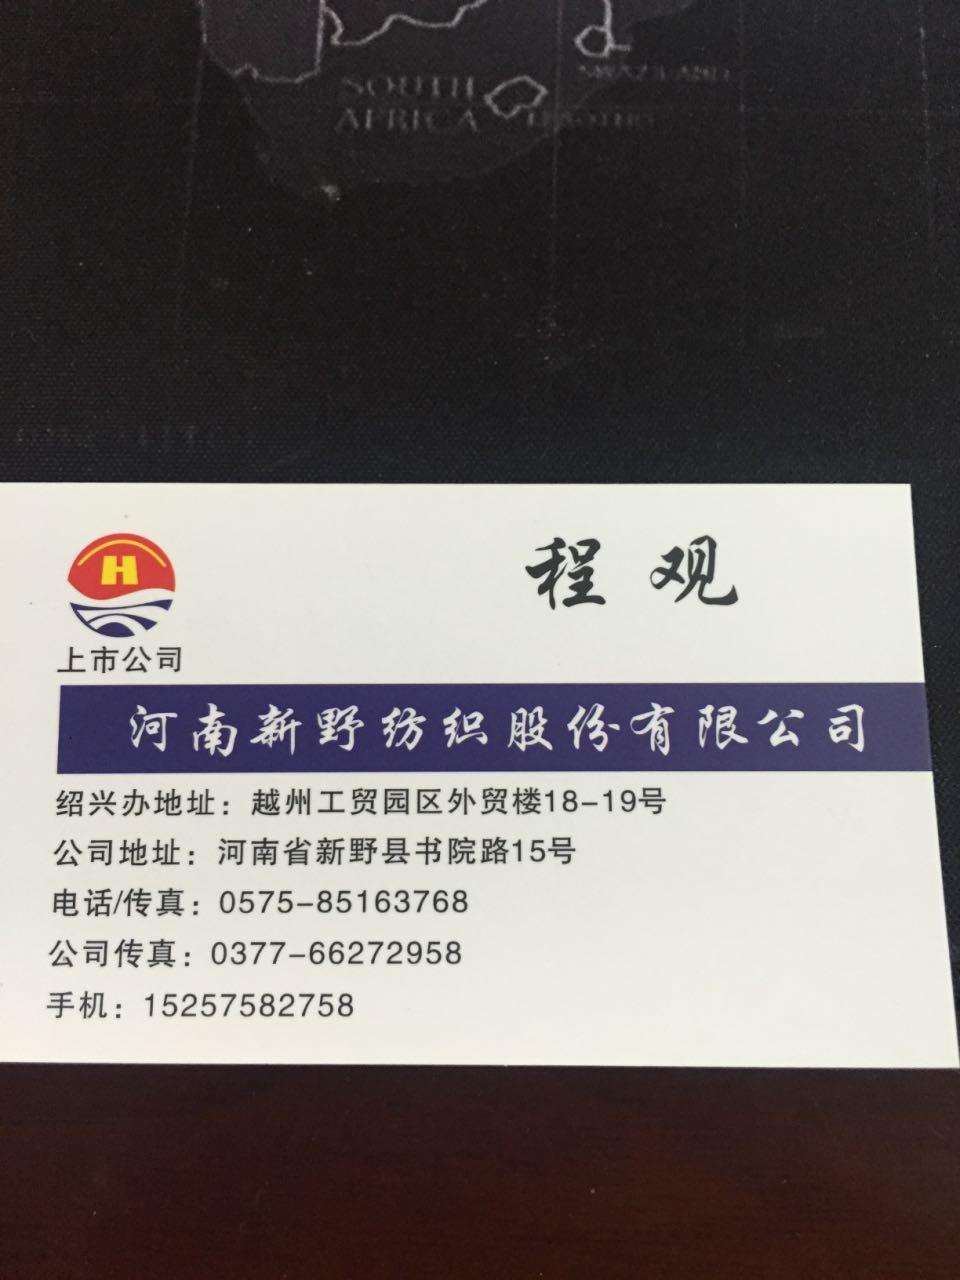 来自程观发布的商务合作信息:河南新野纺织股份有限公司,专业的棉布,棉... - 河南新野纺织股份有限公司